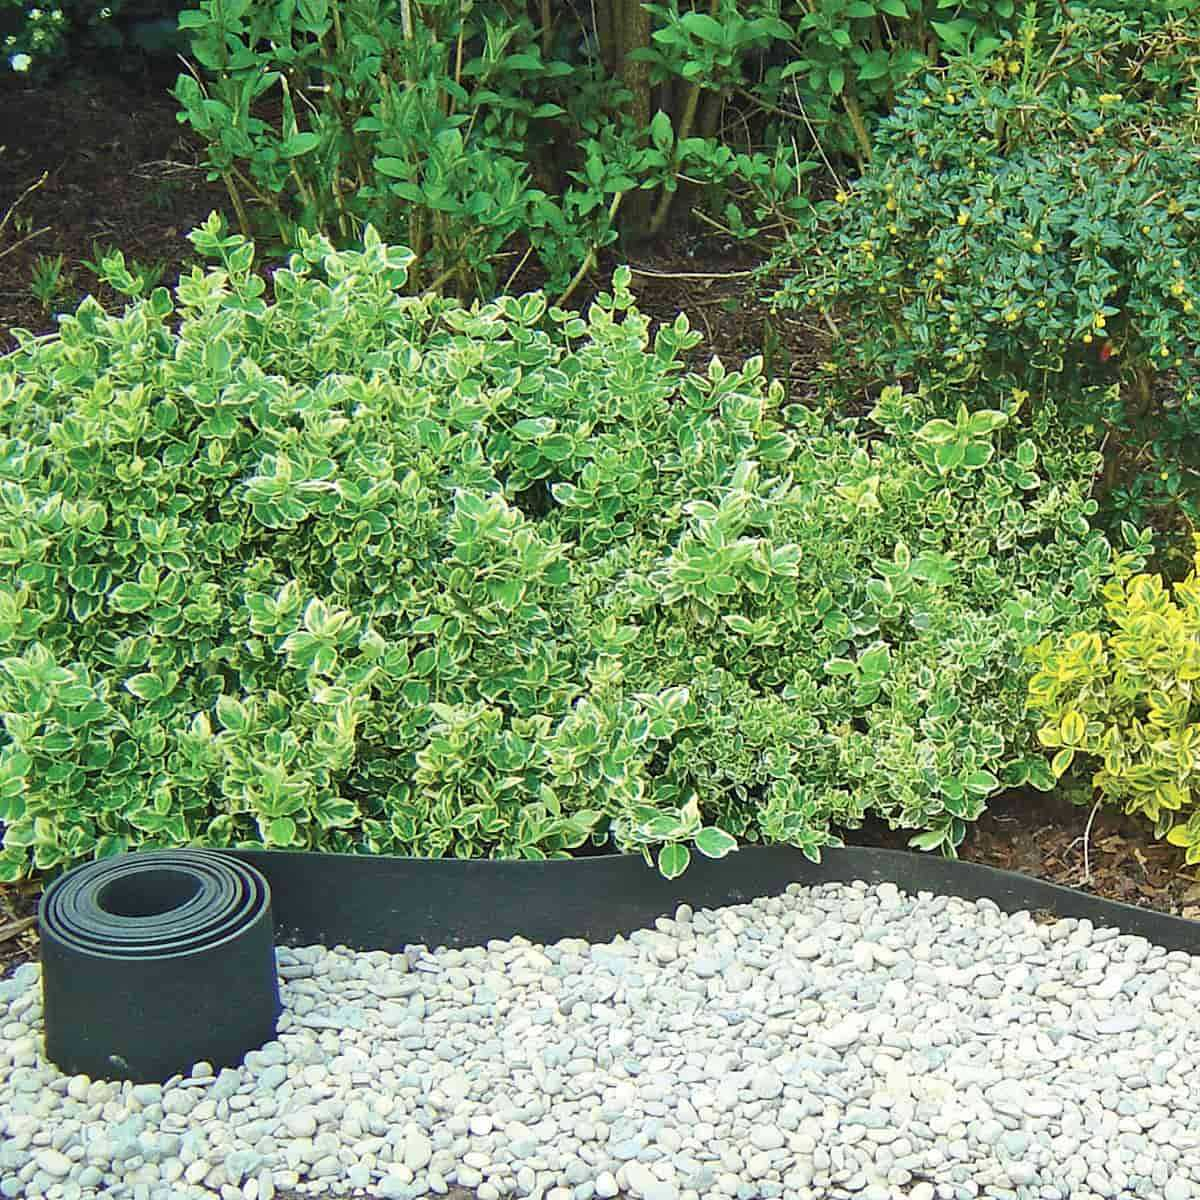 Bordure Caoutchouc Recyclé Gazon 5Mx13Cm encequiconcerne Bordure De Jardin En Pierre